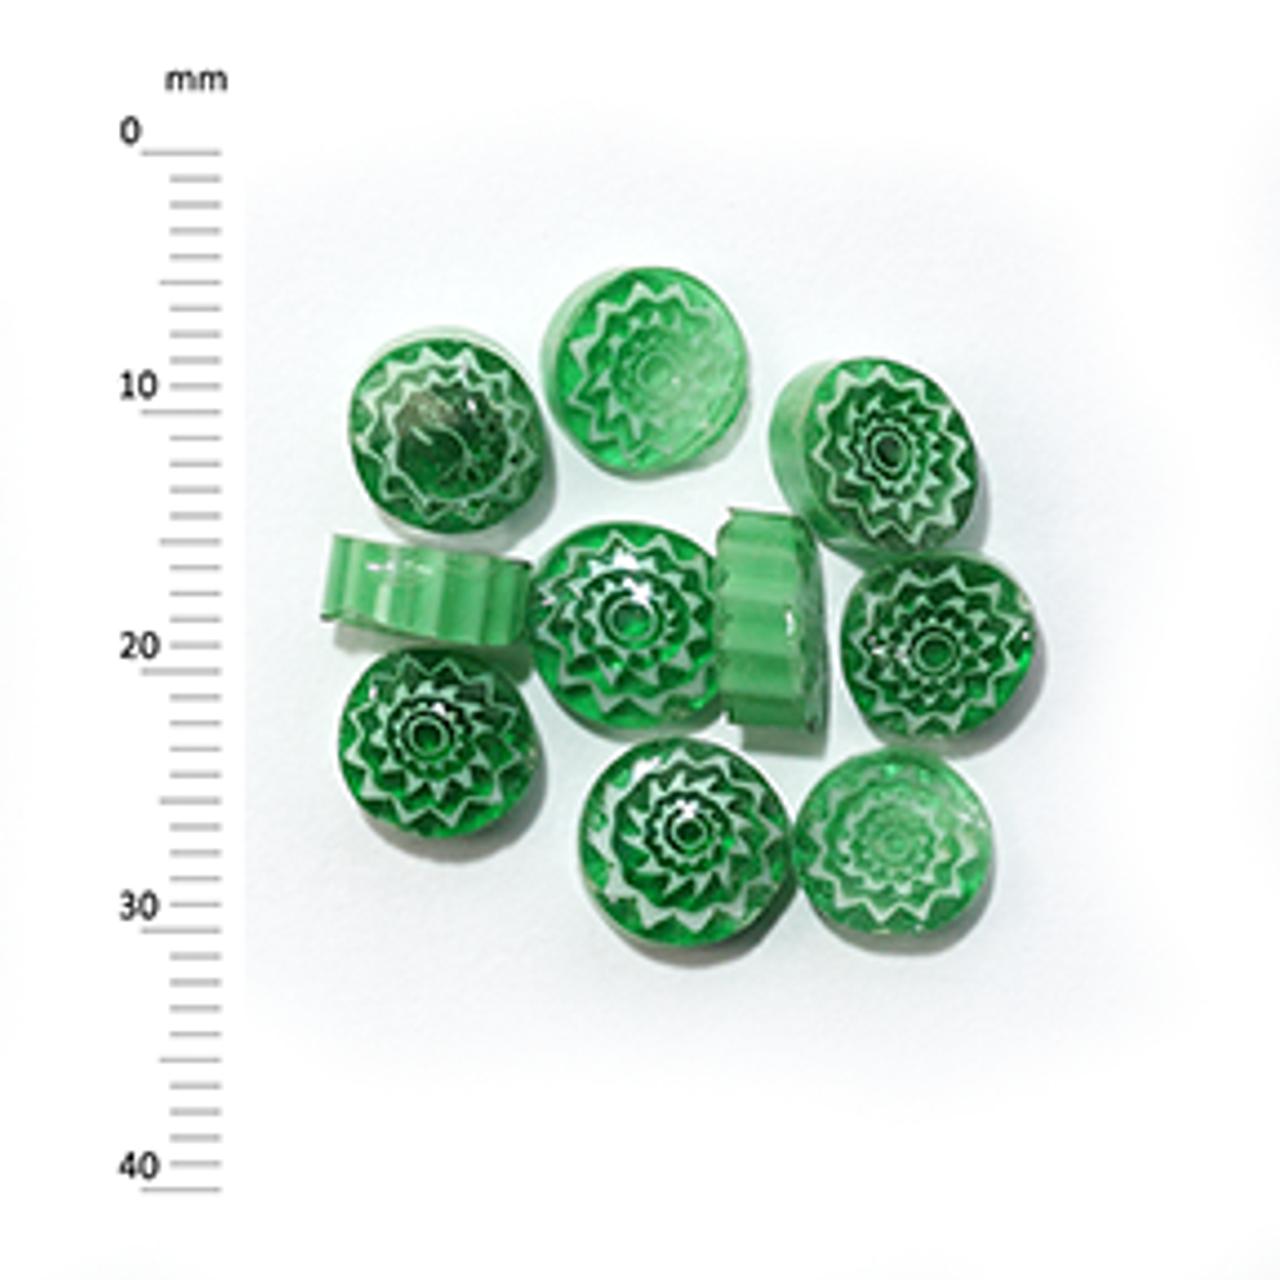 Millefiori - 50g pack (M066), green, 7-9mm